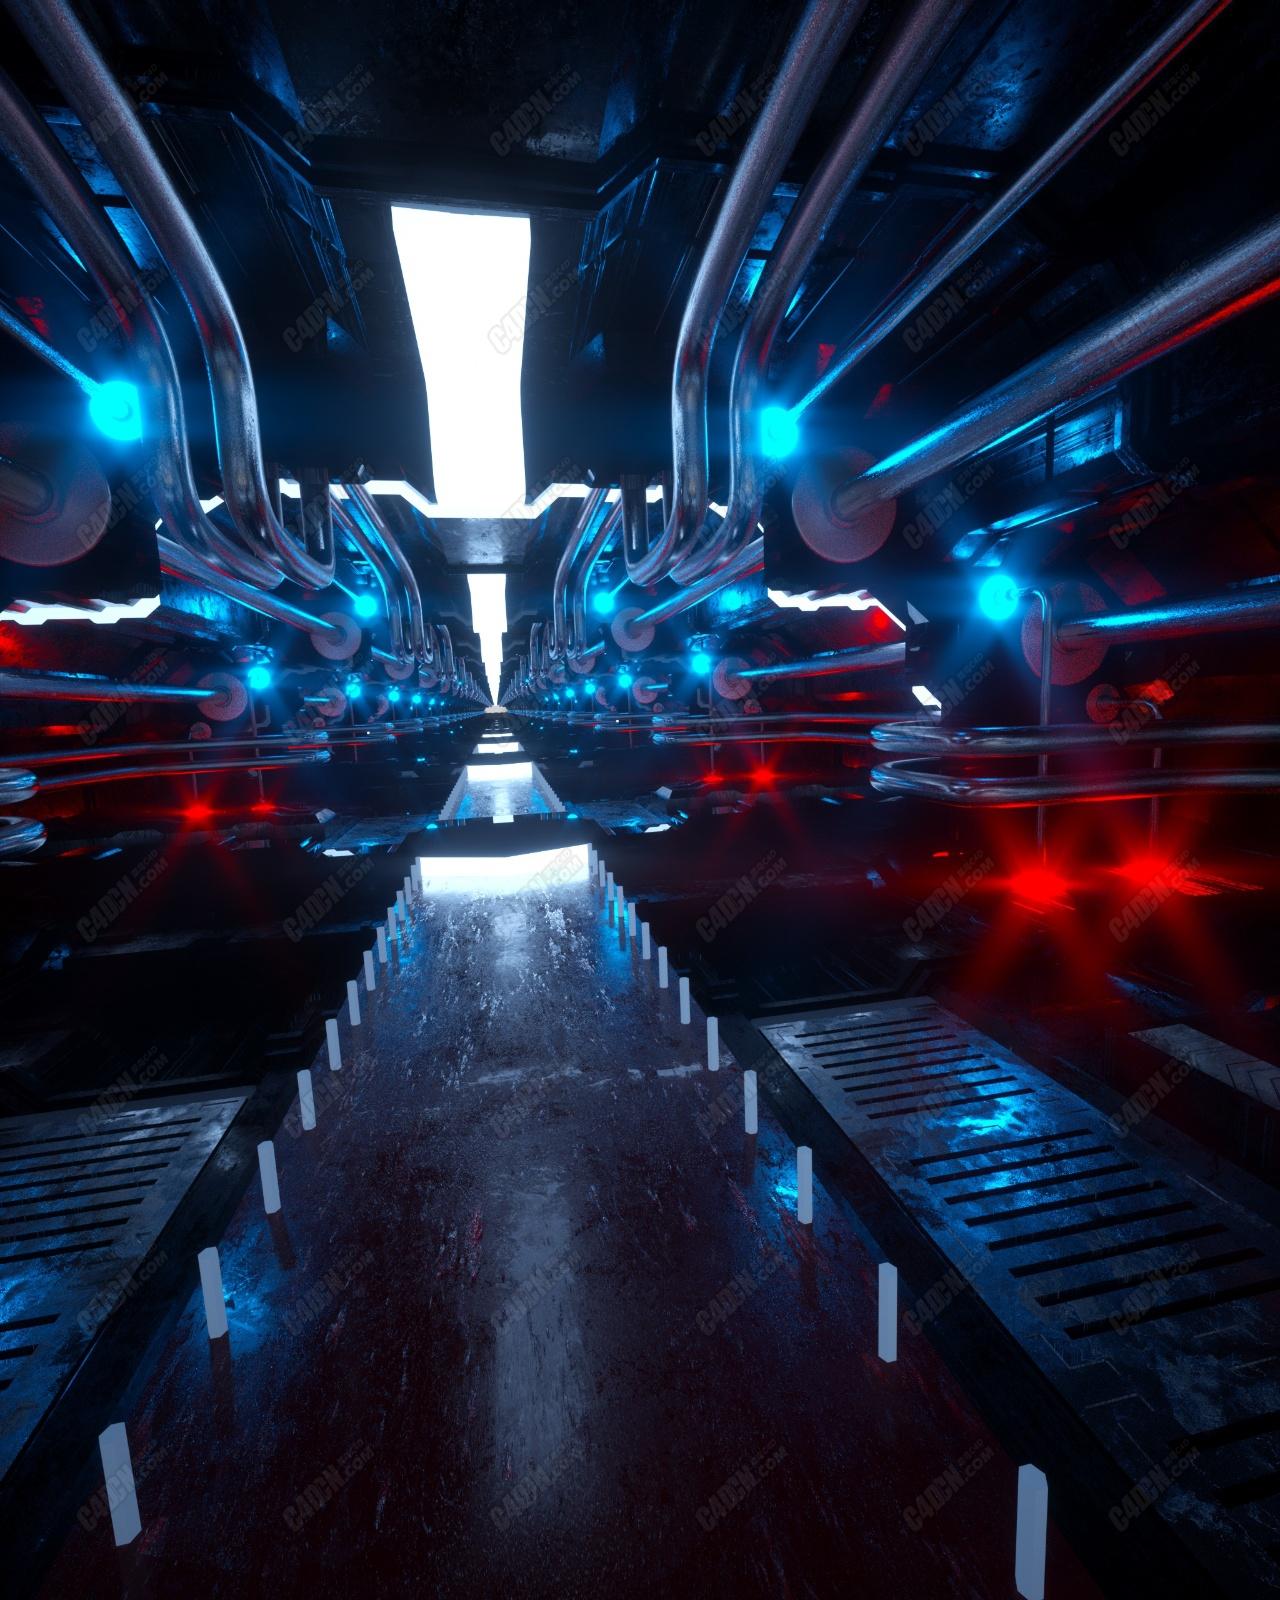 C4D+Octane渲染器神秘發光的科幻走廊通道工程動畫模型